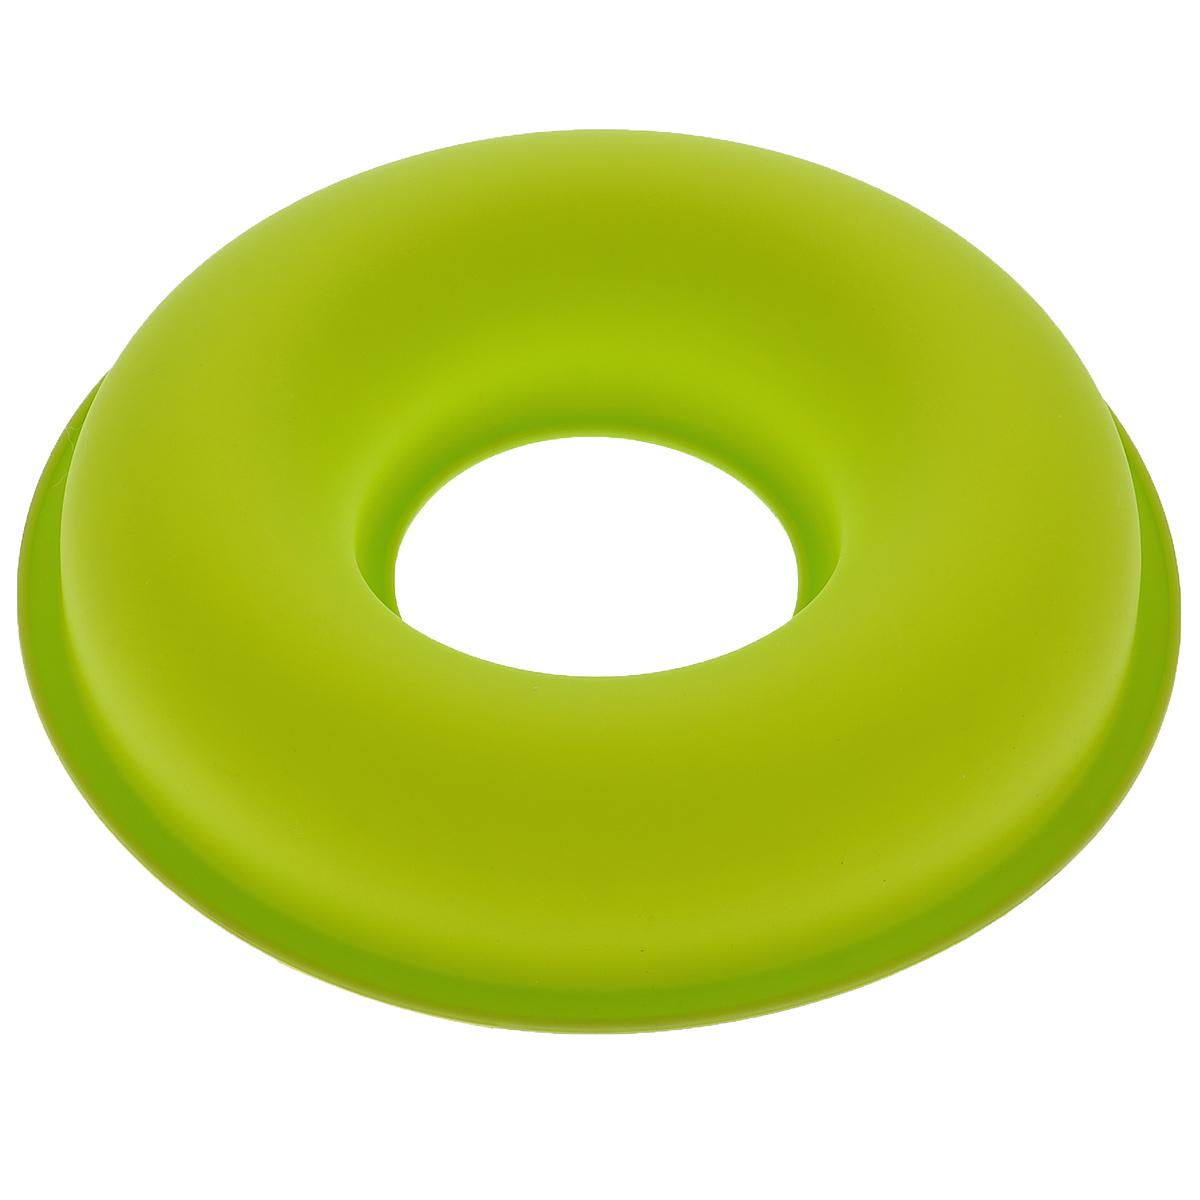 Форма для выпечки Bekker Круг, силиконовая, цвет: салатовый, диаметр 26,5 смВК-9468Форма для выпечки Bekker Круг изготовлена из силикона. Силиконовые формы для выпечки имеют много преимуществ по сравнению с традиционными металлическими формами и противнями. Они идеально подходят для использования в микроволновых, газовых и электрических печах при температурах до +250°С; в случае заморозки до -50°С. Можно мыть в посудомоечной машине. За счет высокой теплопроводности силикона изделия выпекаются заметно быстрее. Благодаря гибкости и антиприлипающим свойствам силикона, готовое изделие легко извлекается из формы. Для этого достаточно отогнуть края и вывернуть форму (выпечке дайте немного остыть, а замороженный продукт лучше вынимать сразу). Силикон абсолютно безвреден для здоровья, не впитывает запахи, не оставляет пятен, легко моется.Форма для выпечки Bekker Круг - практичный и необходимый подарок любой хозяйке!